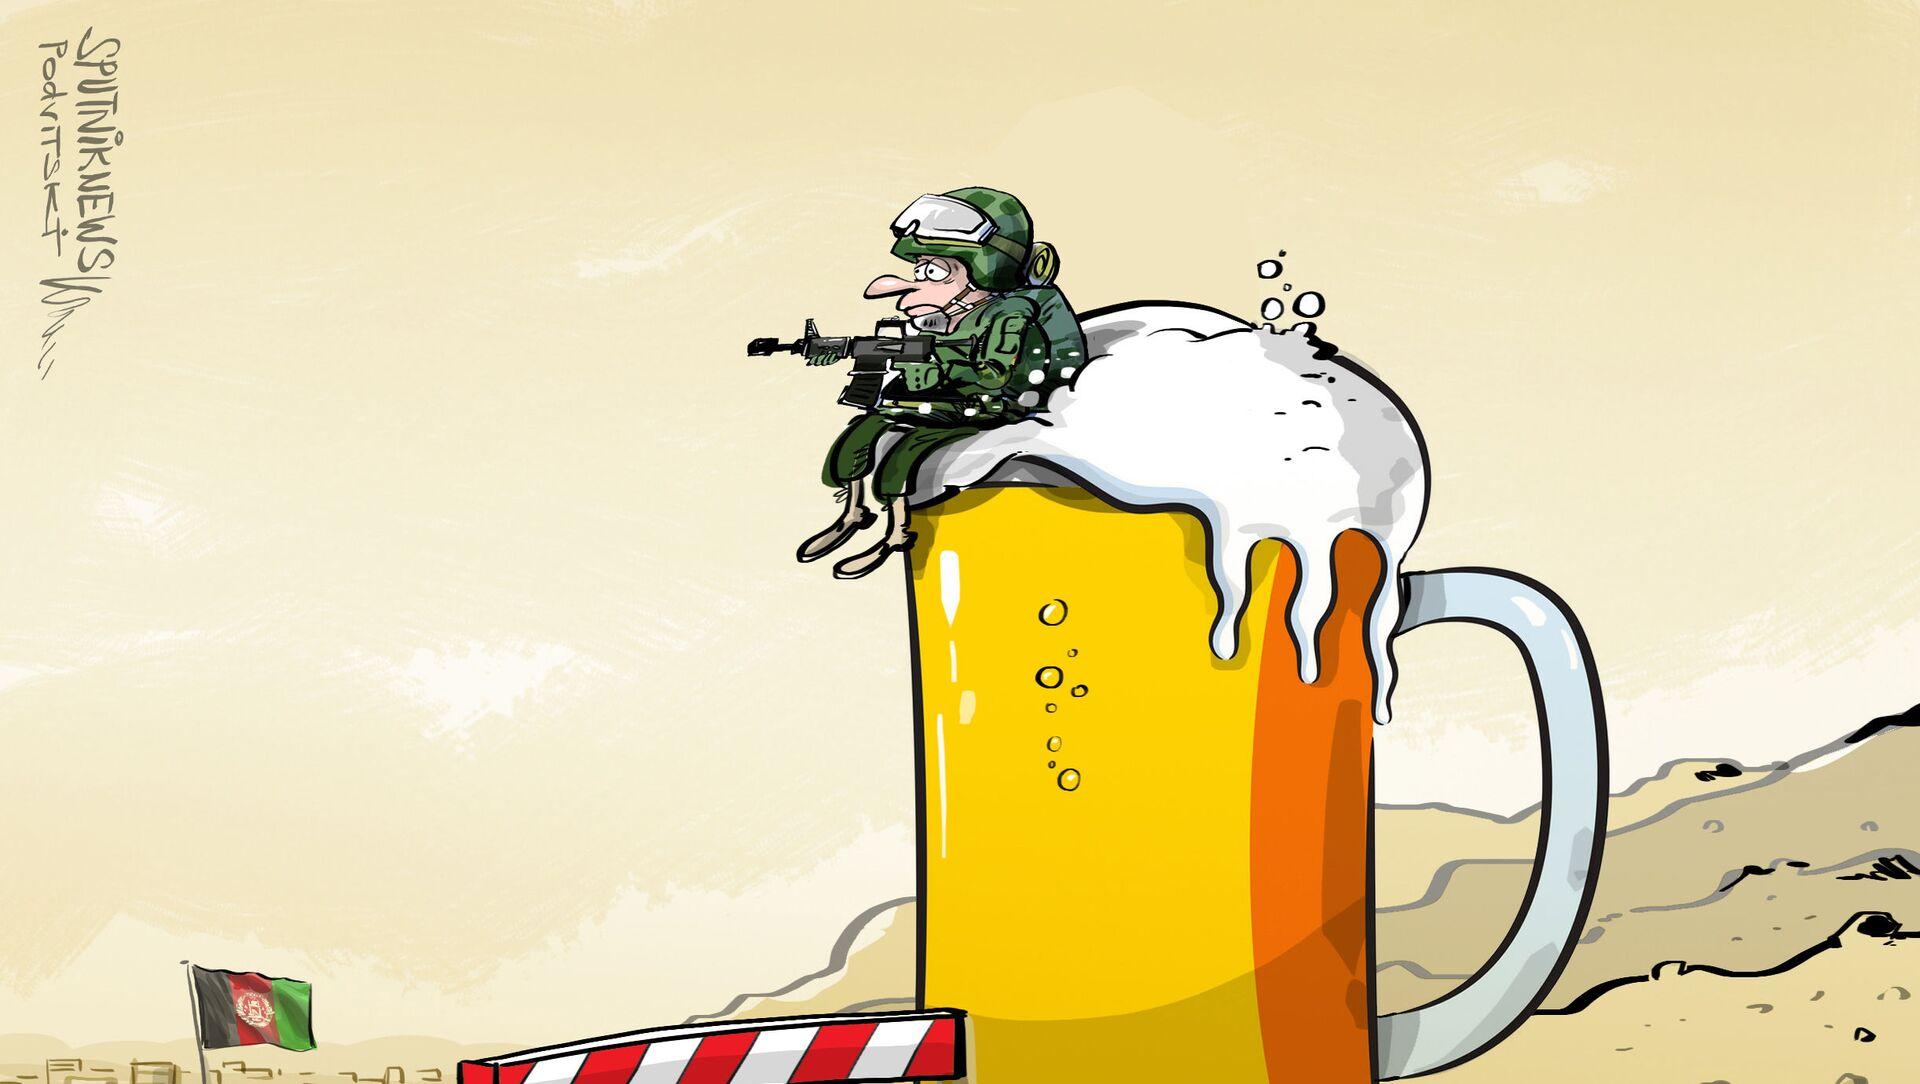 Niemieccy żołnierze wycofują się z Afganistanu - Sputnik Polska, 1920, 08.06.2021